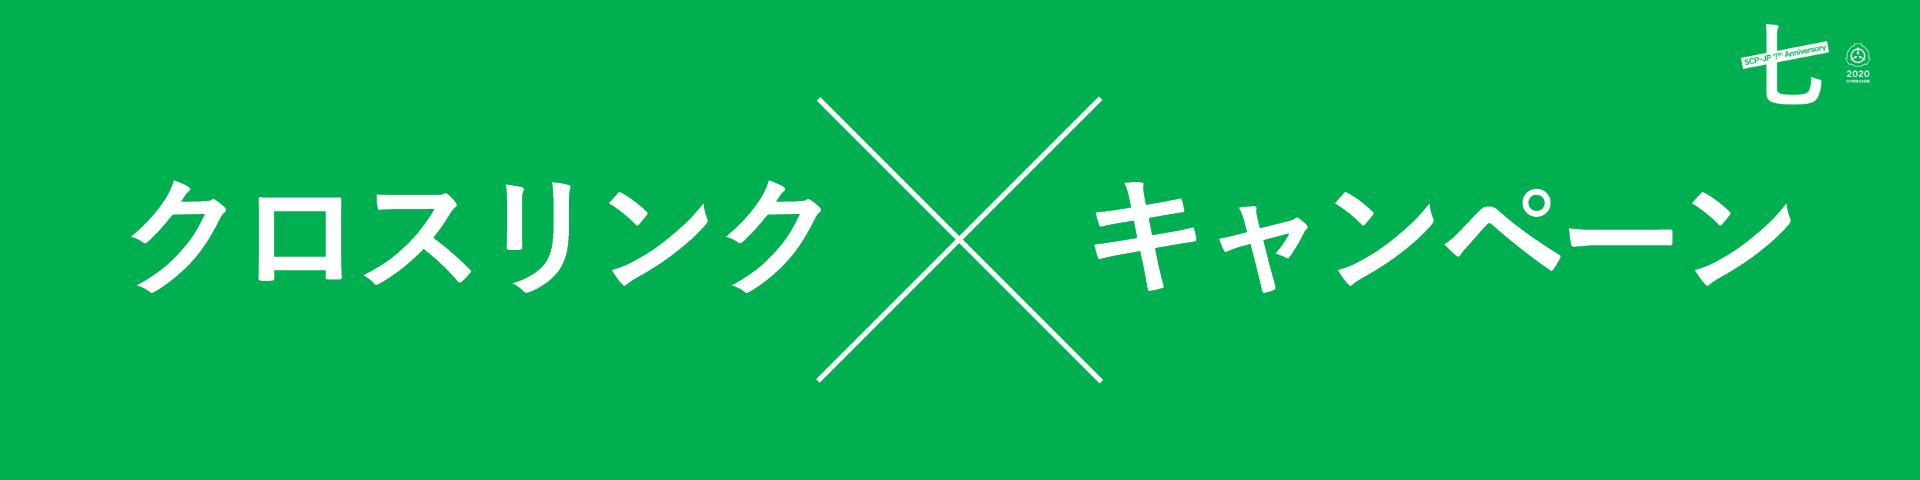 crosslink_banner.png